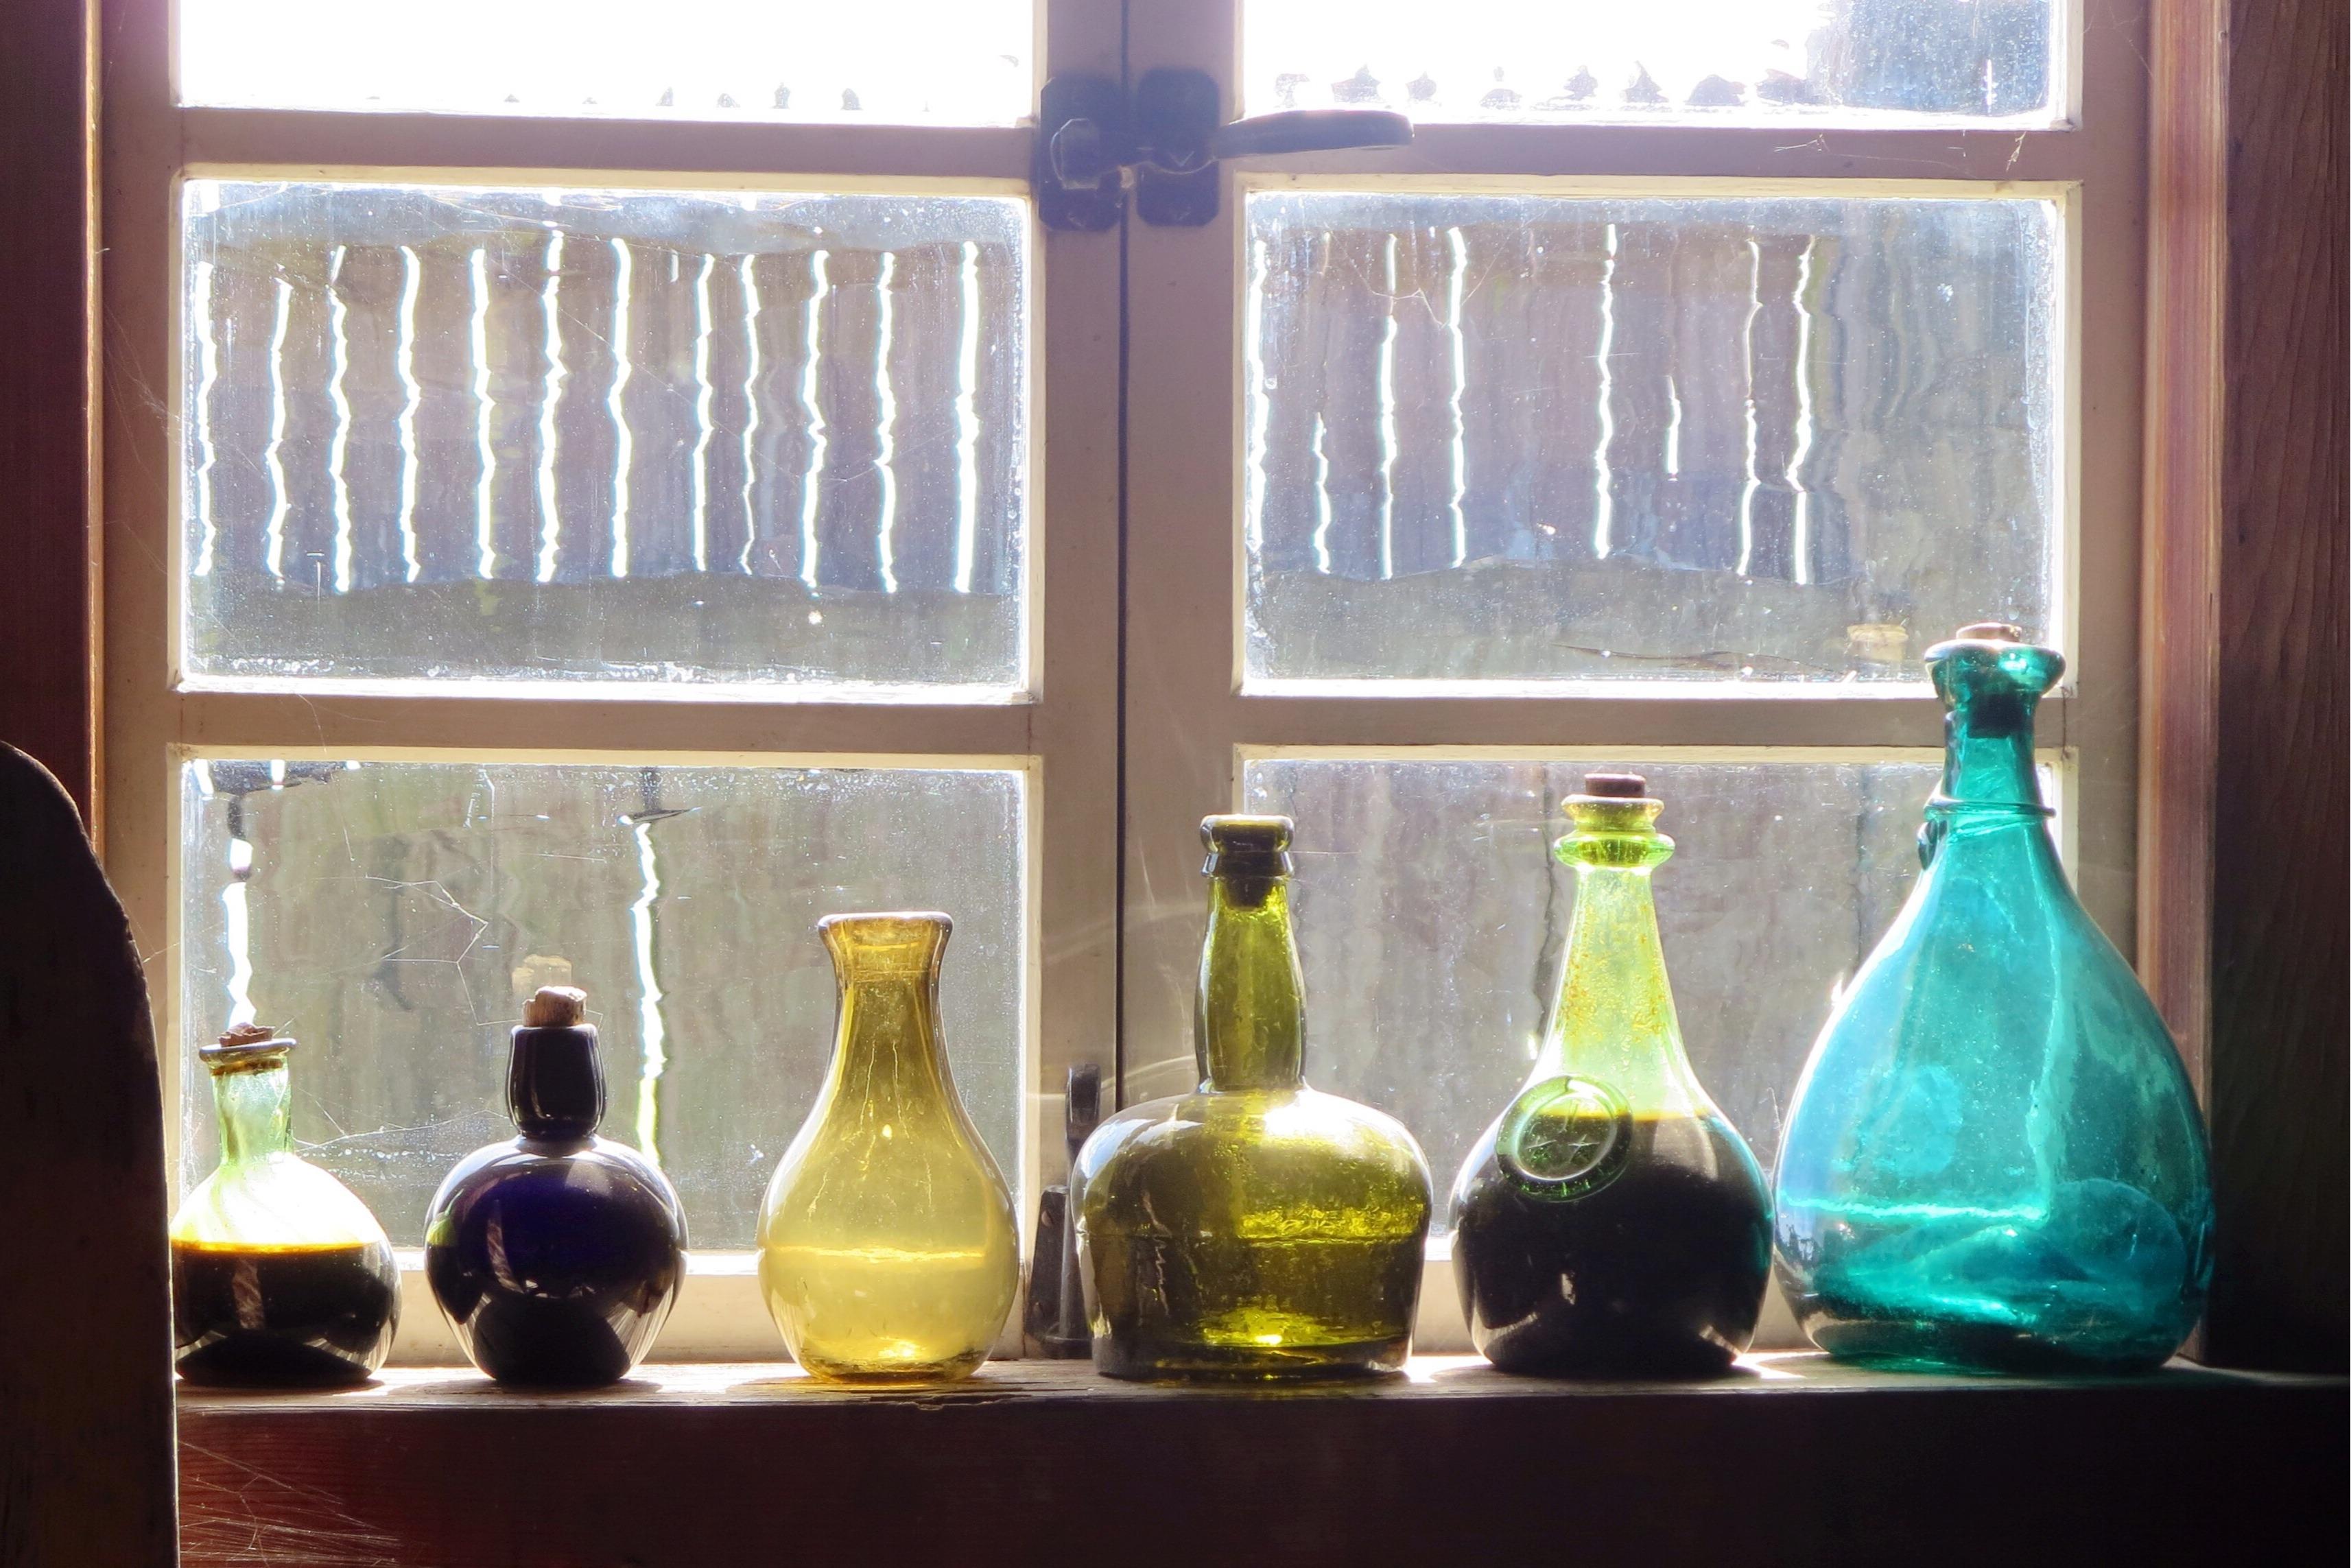 Images Gratuites Du Vin Lumi Re Du Soleil Verre Vieux Rustique Pot Clair Cuisine